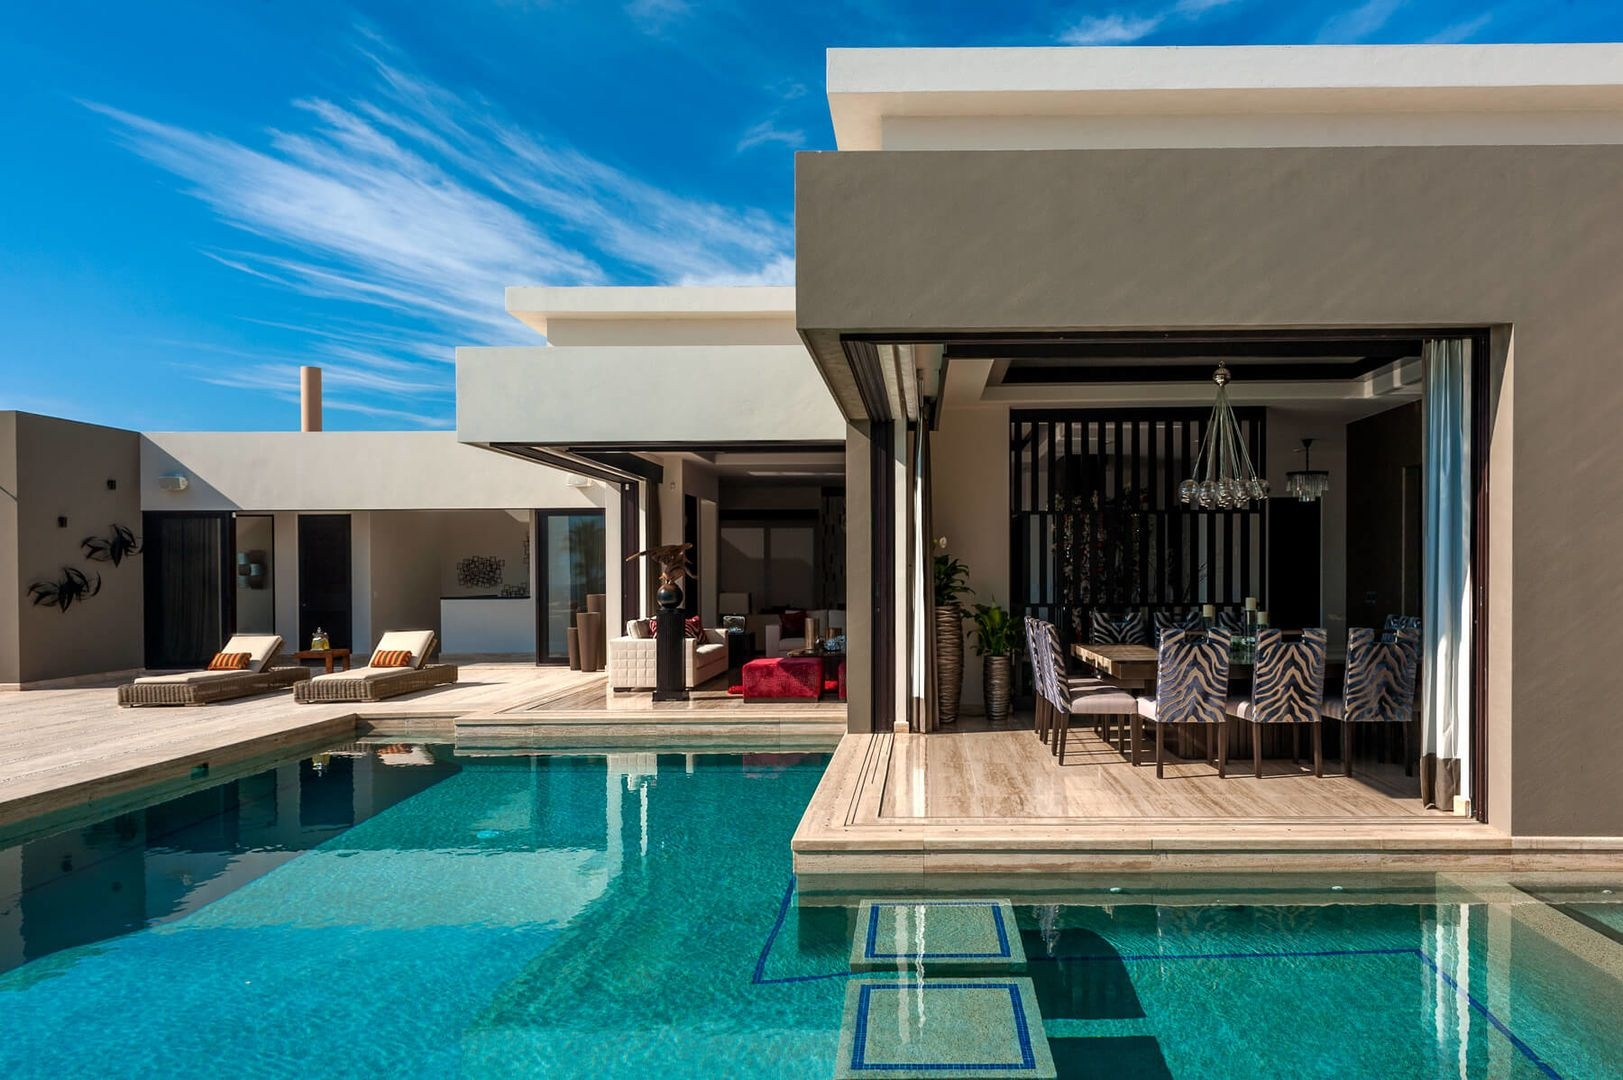 Luxury vacation rentals mexico - Los cabos - Cabo - No location 4 - Villa Renata - Image 1/20